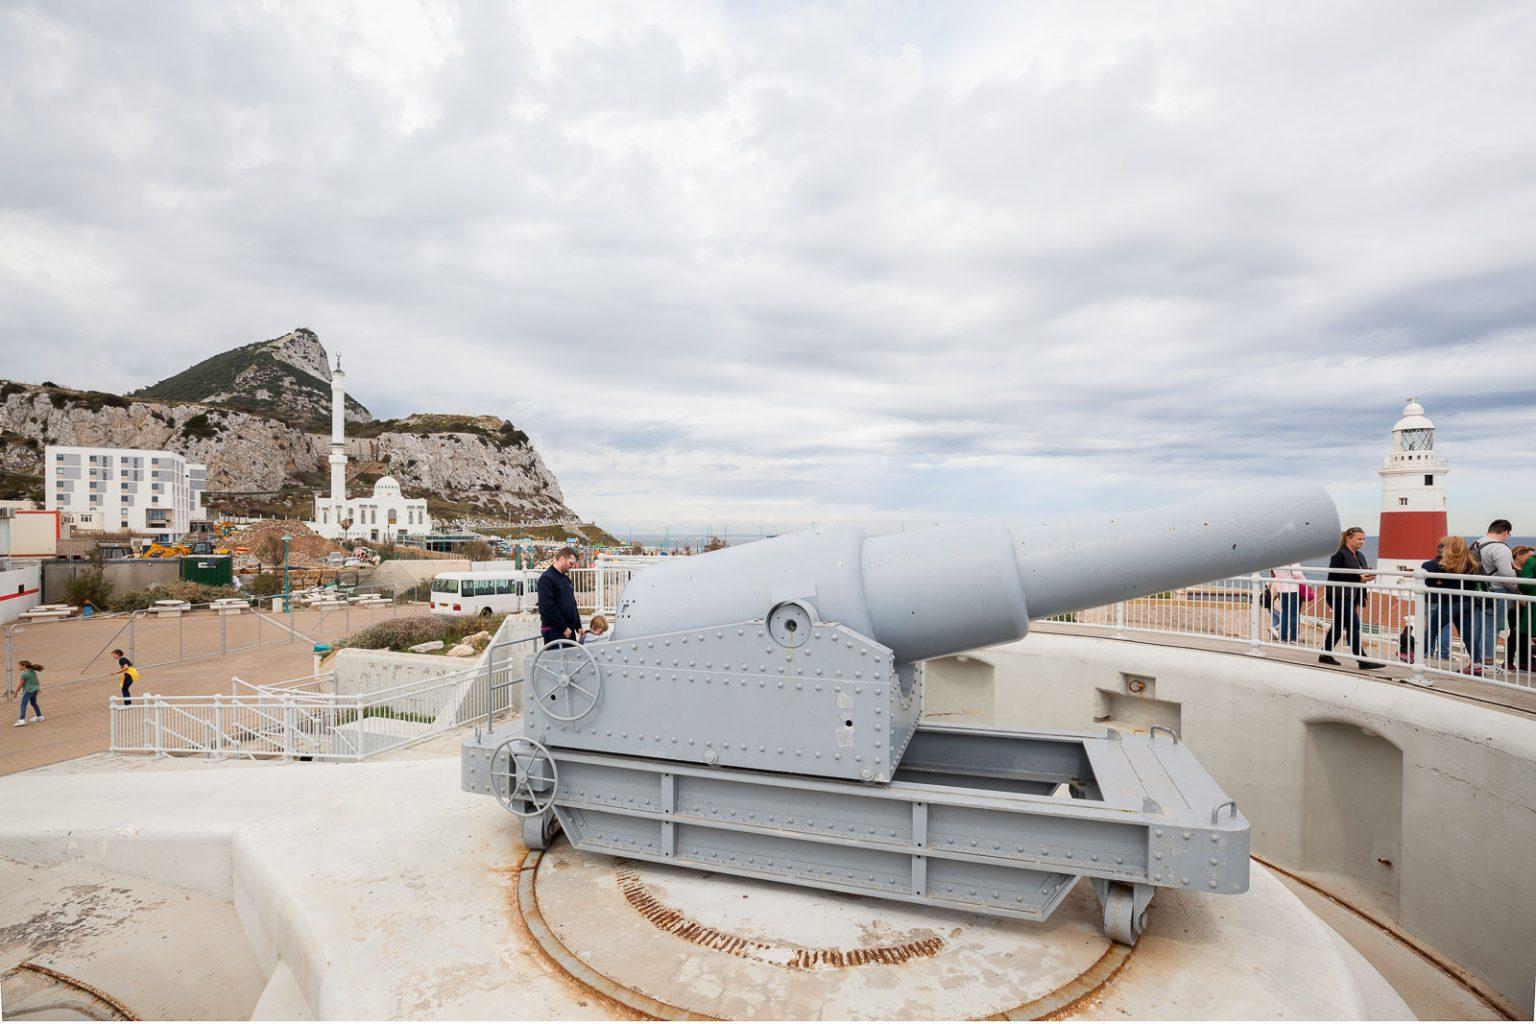 Gibraltar, movidos pelo rochedo_Num PostalGibraltar, movidos pelo rochedo_Num Postal